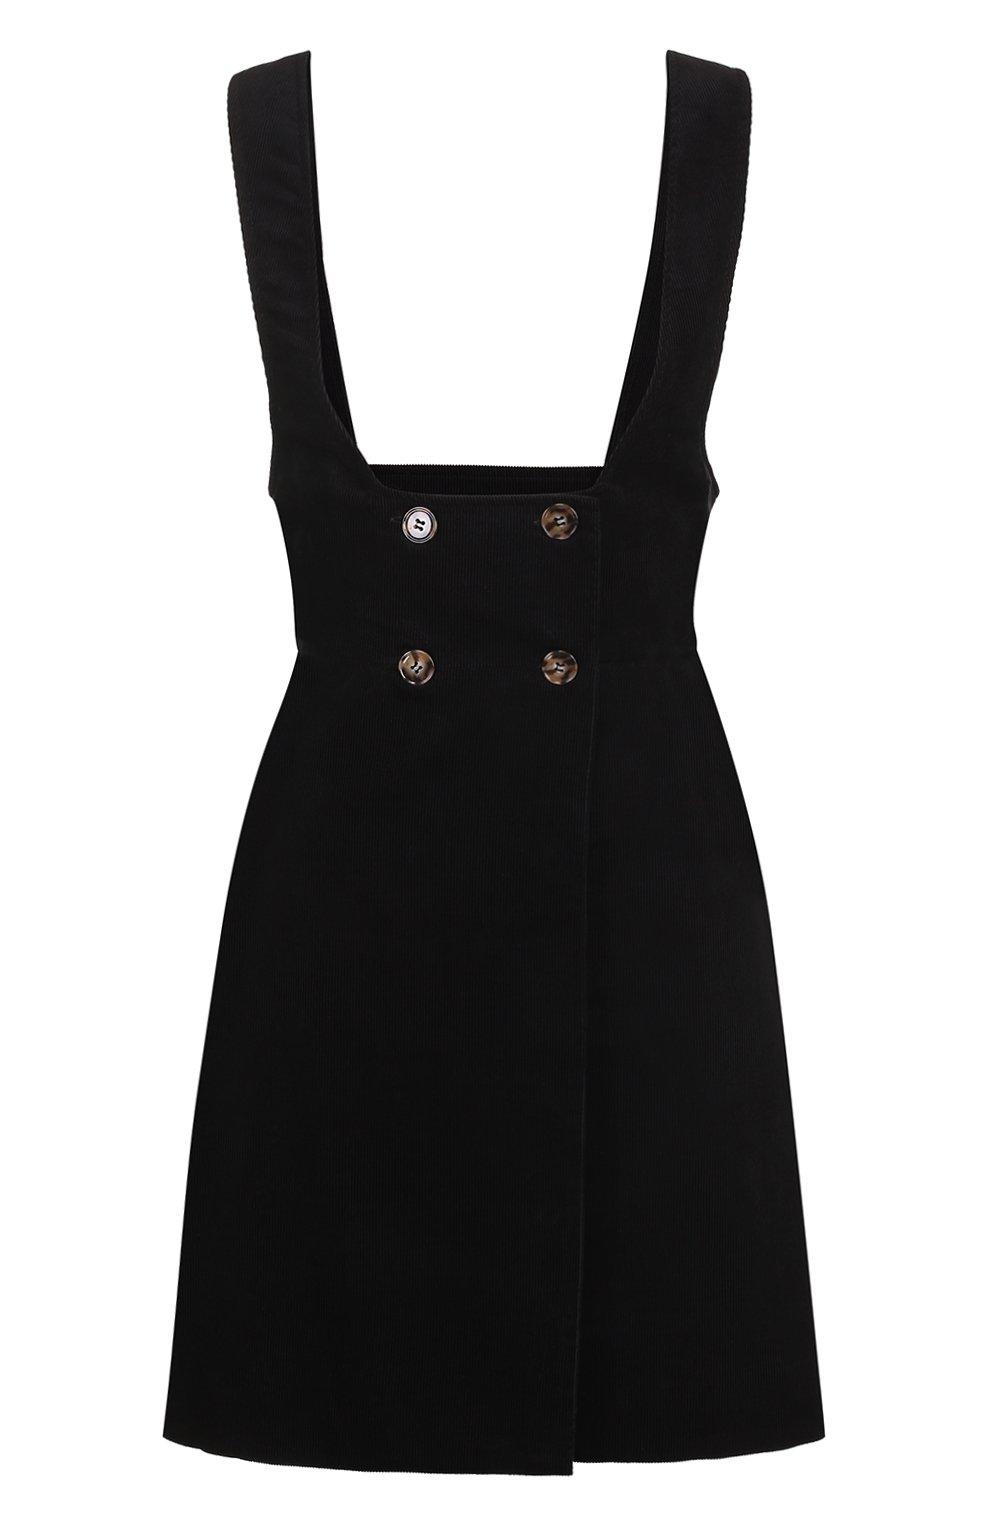 Женское черное вельветовый сарафан с широкими лямками ... - photo#23